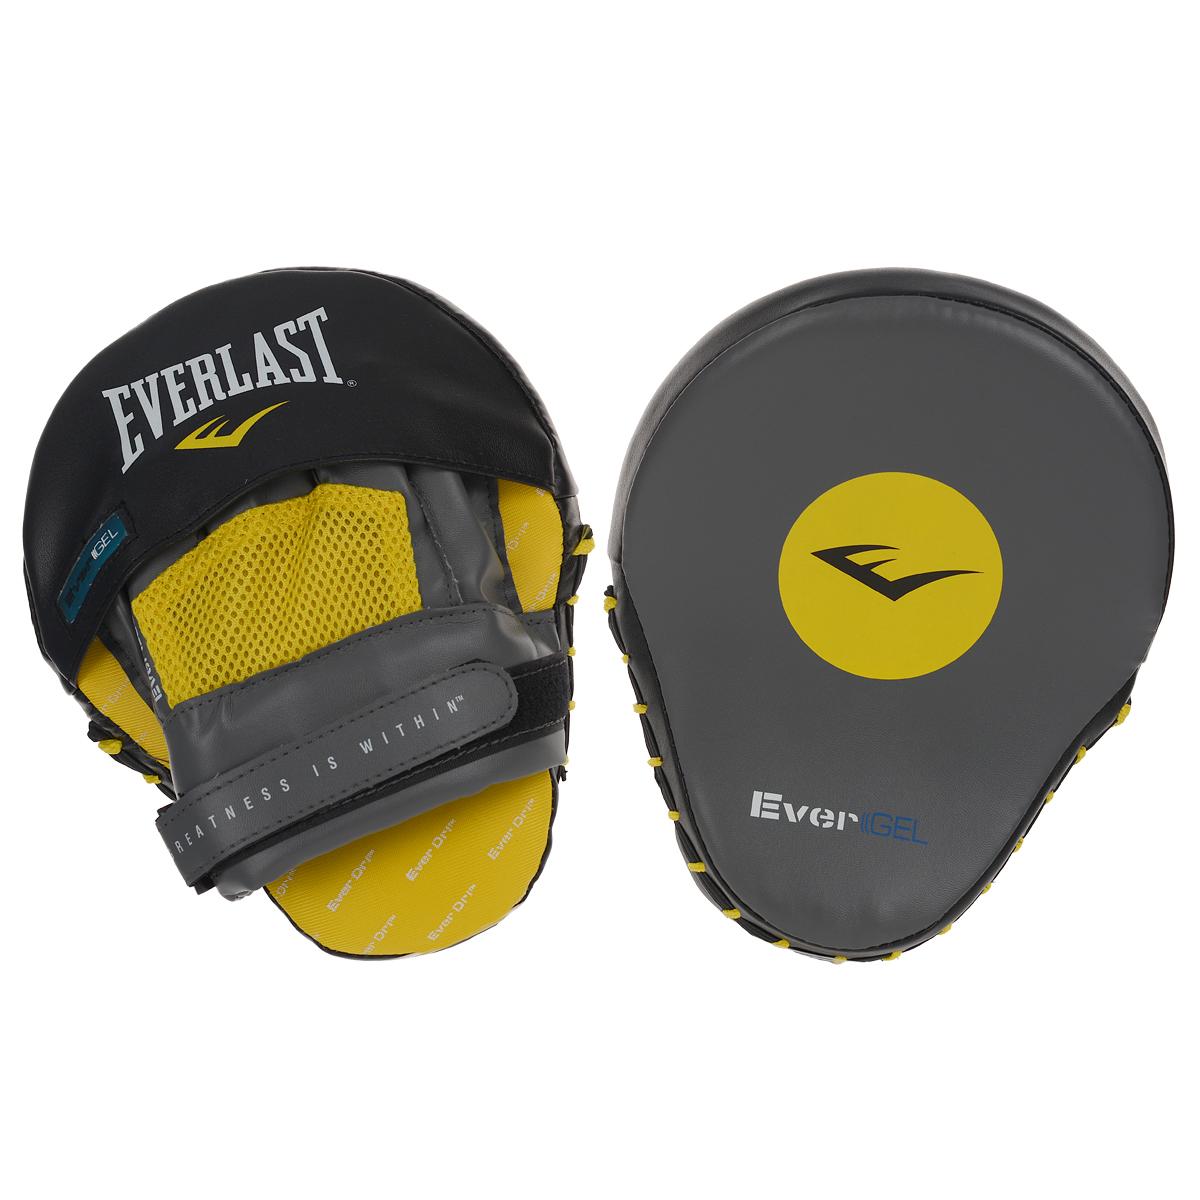 Лапы Everlast Vinyl Evergel Mantis, цвет: серый, желтый, черный4416GLUПрофессиональные боксерские лапы Everlast Vinyl Evergel Mantis предназначены для занятий боксом и единоборствами. Лапы выполнены из синтетического материала. Новый материал геля рассеивает энергию удара и защищает руки при тренировках. Изгиб лапы позволяет увеличить защиту рук и комфорт. Поглощение влаги и антимикробная подкладка сохраняет свежесть. Характеристики:Материал: полиуретан, полиэстер. Размер лапы: 19 см х 24 см х 10 см. Толщина наполнителя: 5 см. Комплектация: 1 пара. Изготовитель: Китай. Артикул: 4416GLU.